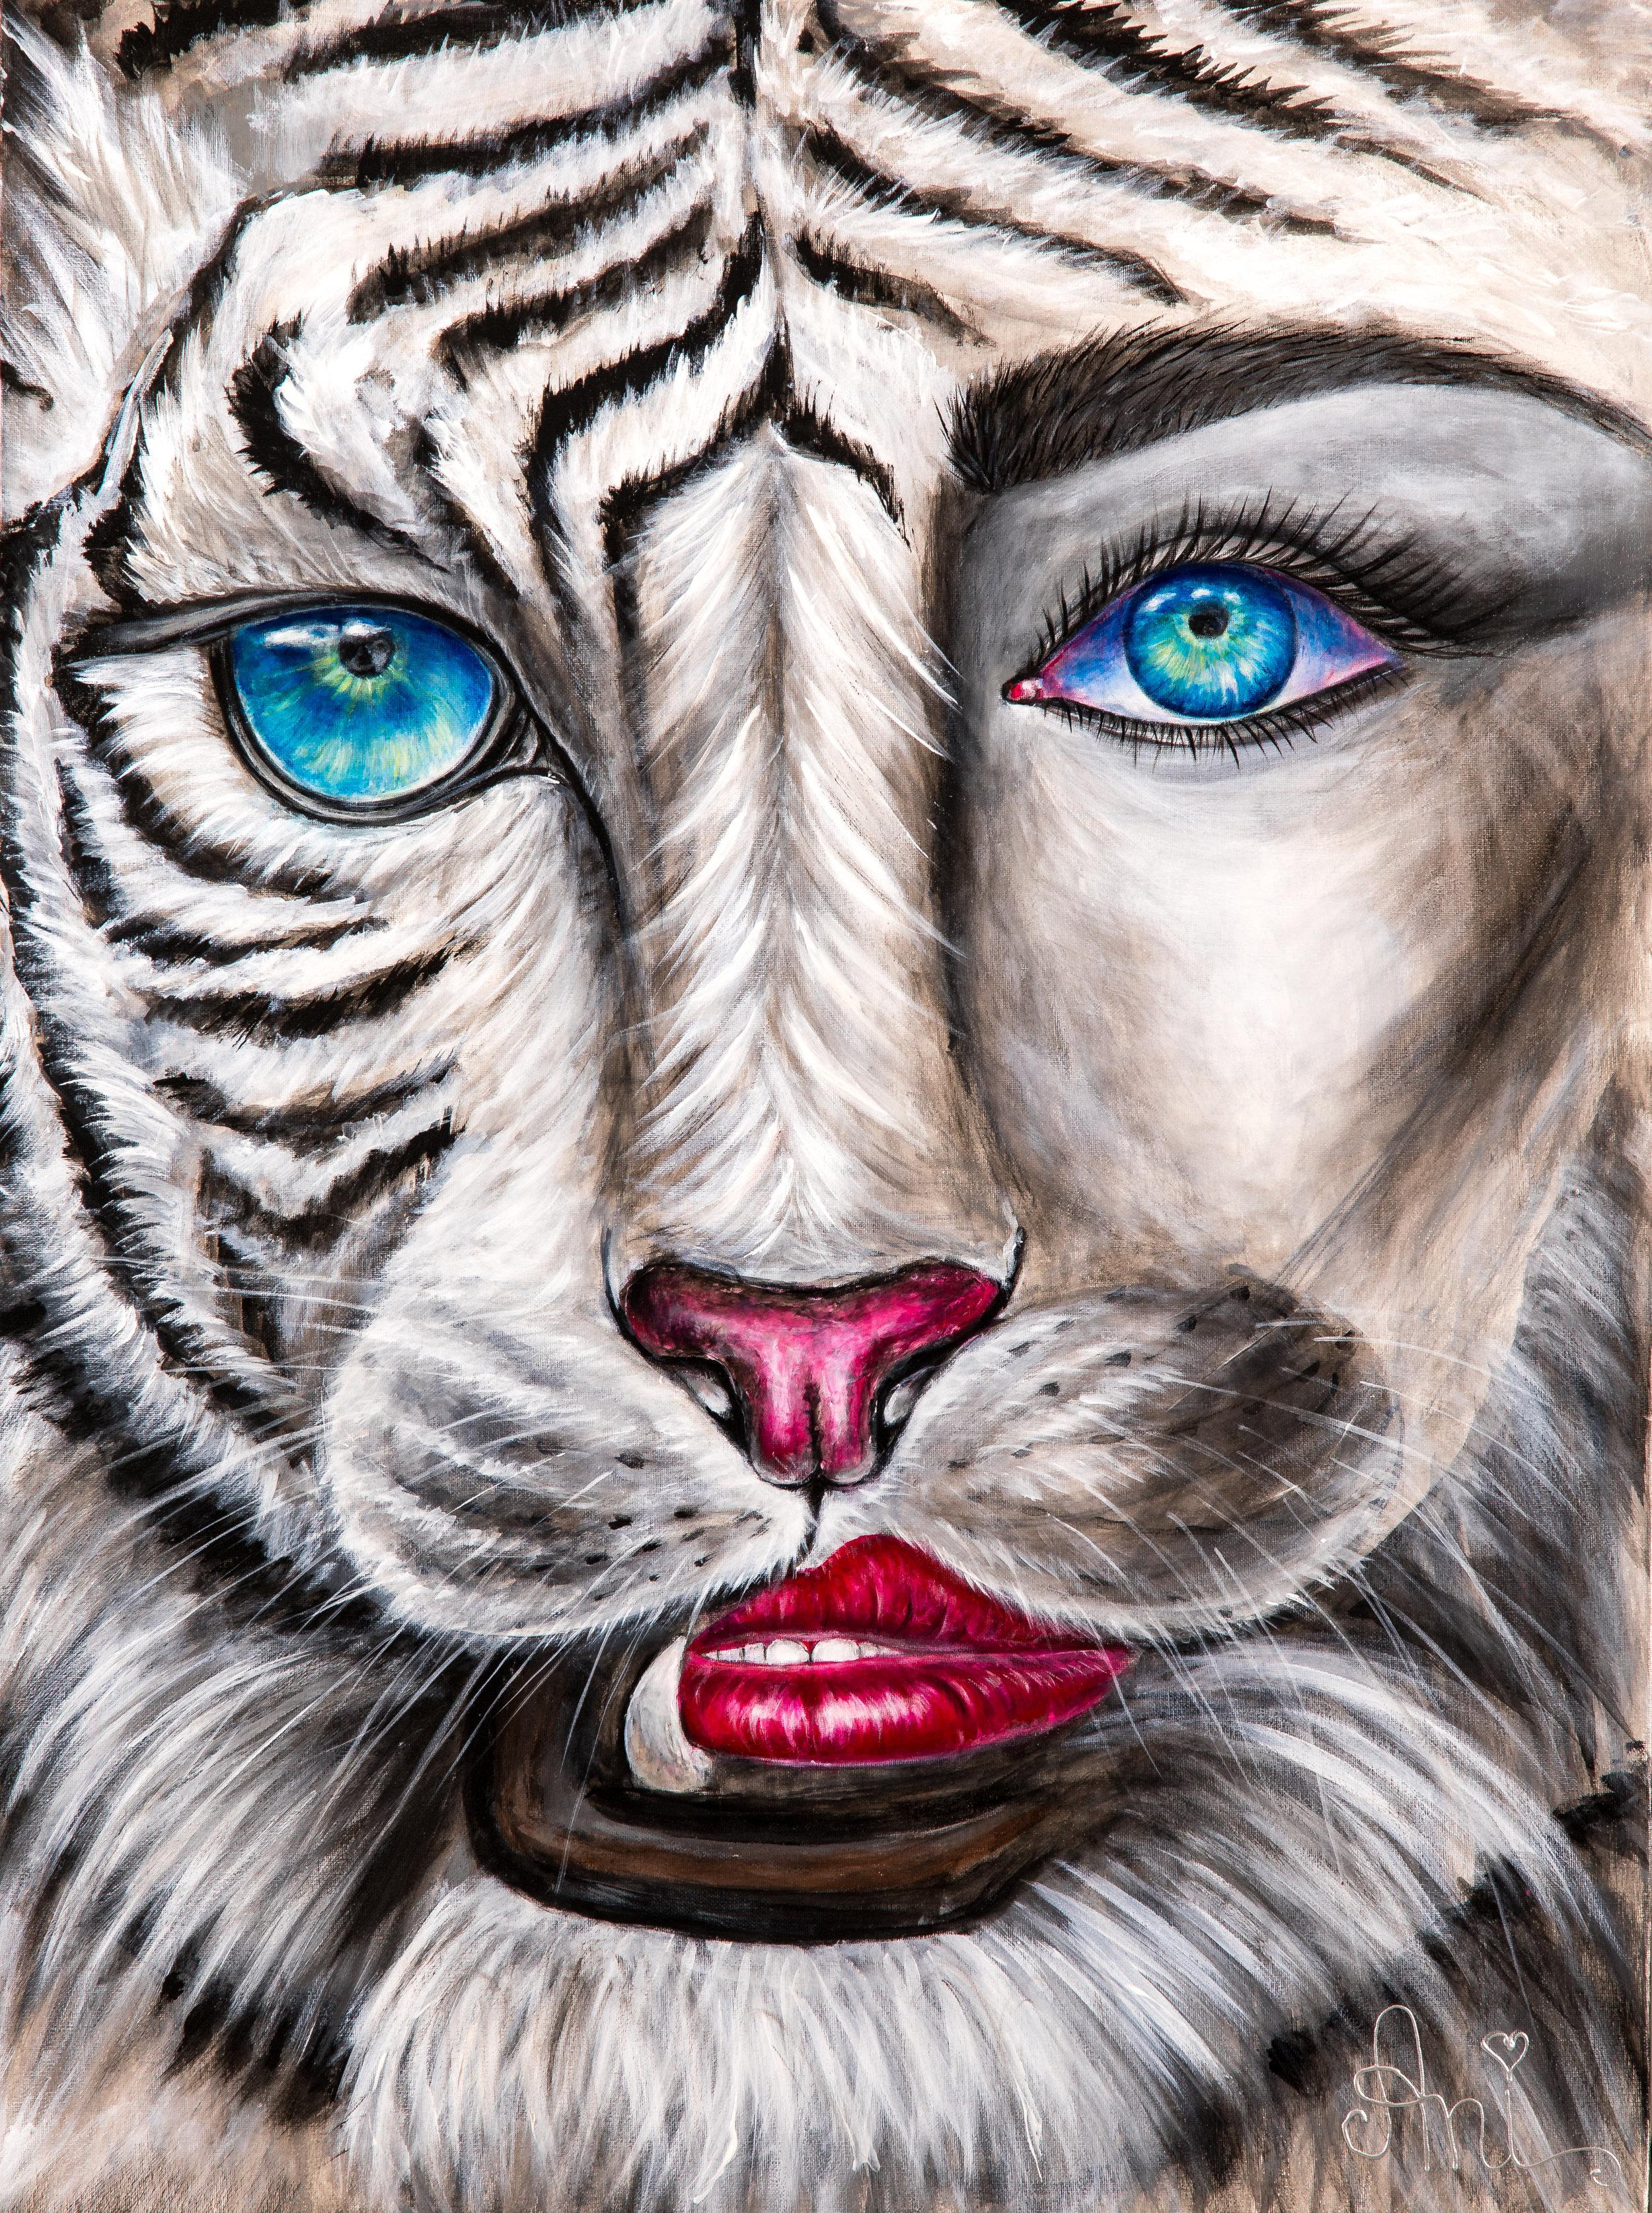 La tigresse:  Peinture acrylique sur toile 3D, 100cm x 75cm  Prix: 250€ + frais de livraison